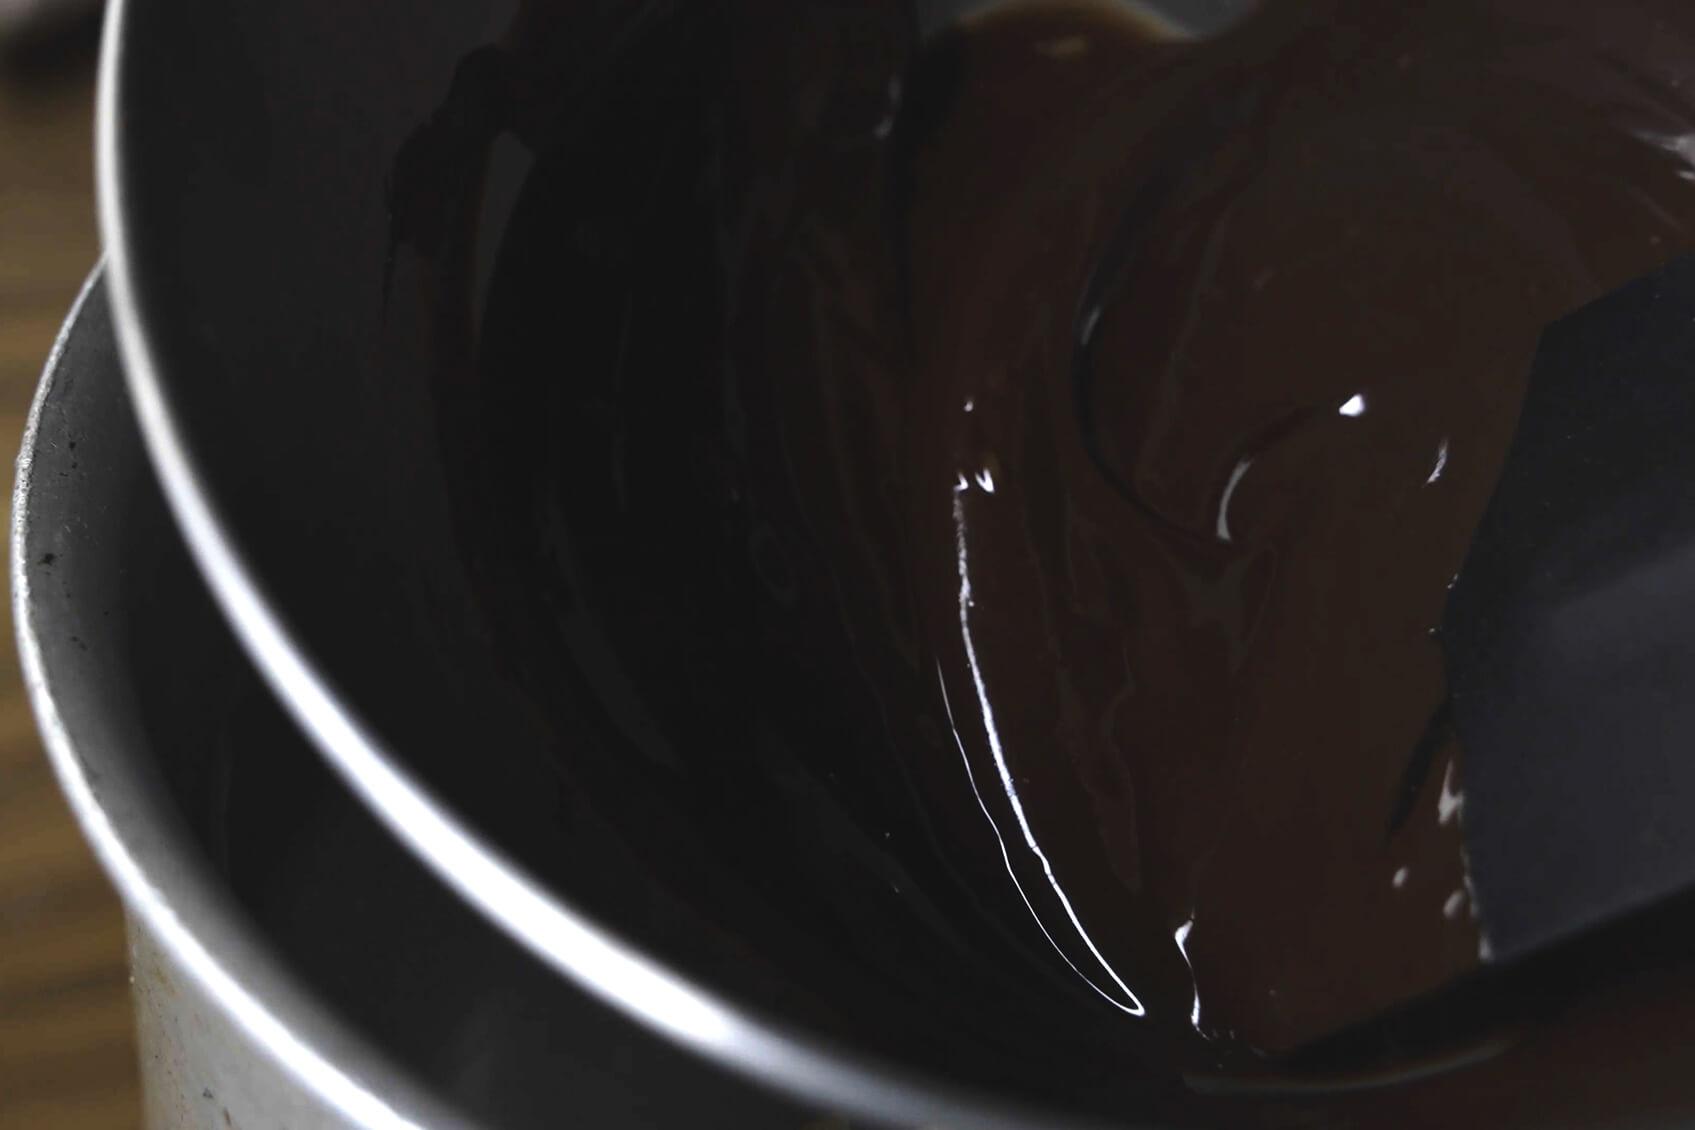 チョコレートが溶けるまで